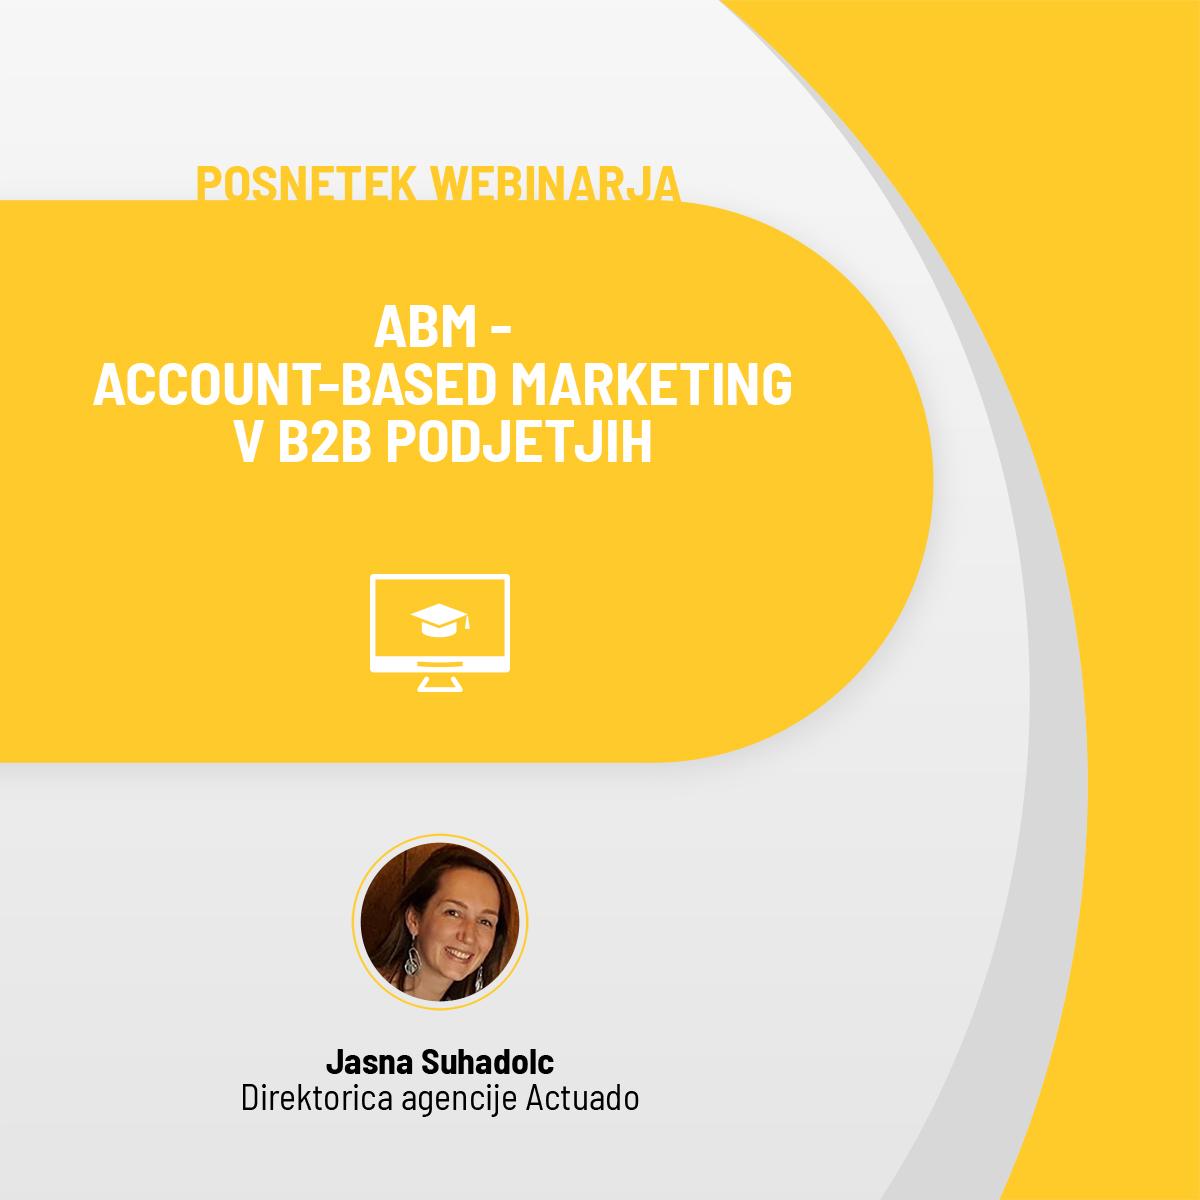 Posnetek webinarja: ABM – Account-based marketing v B2B podjetjih